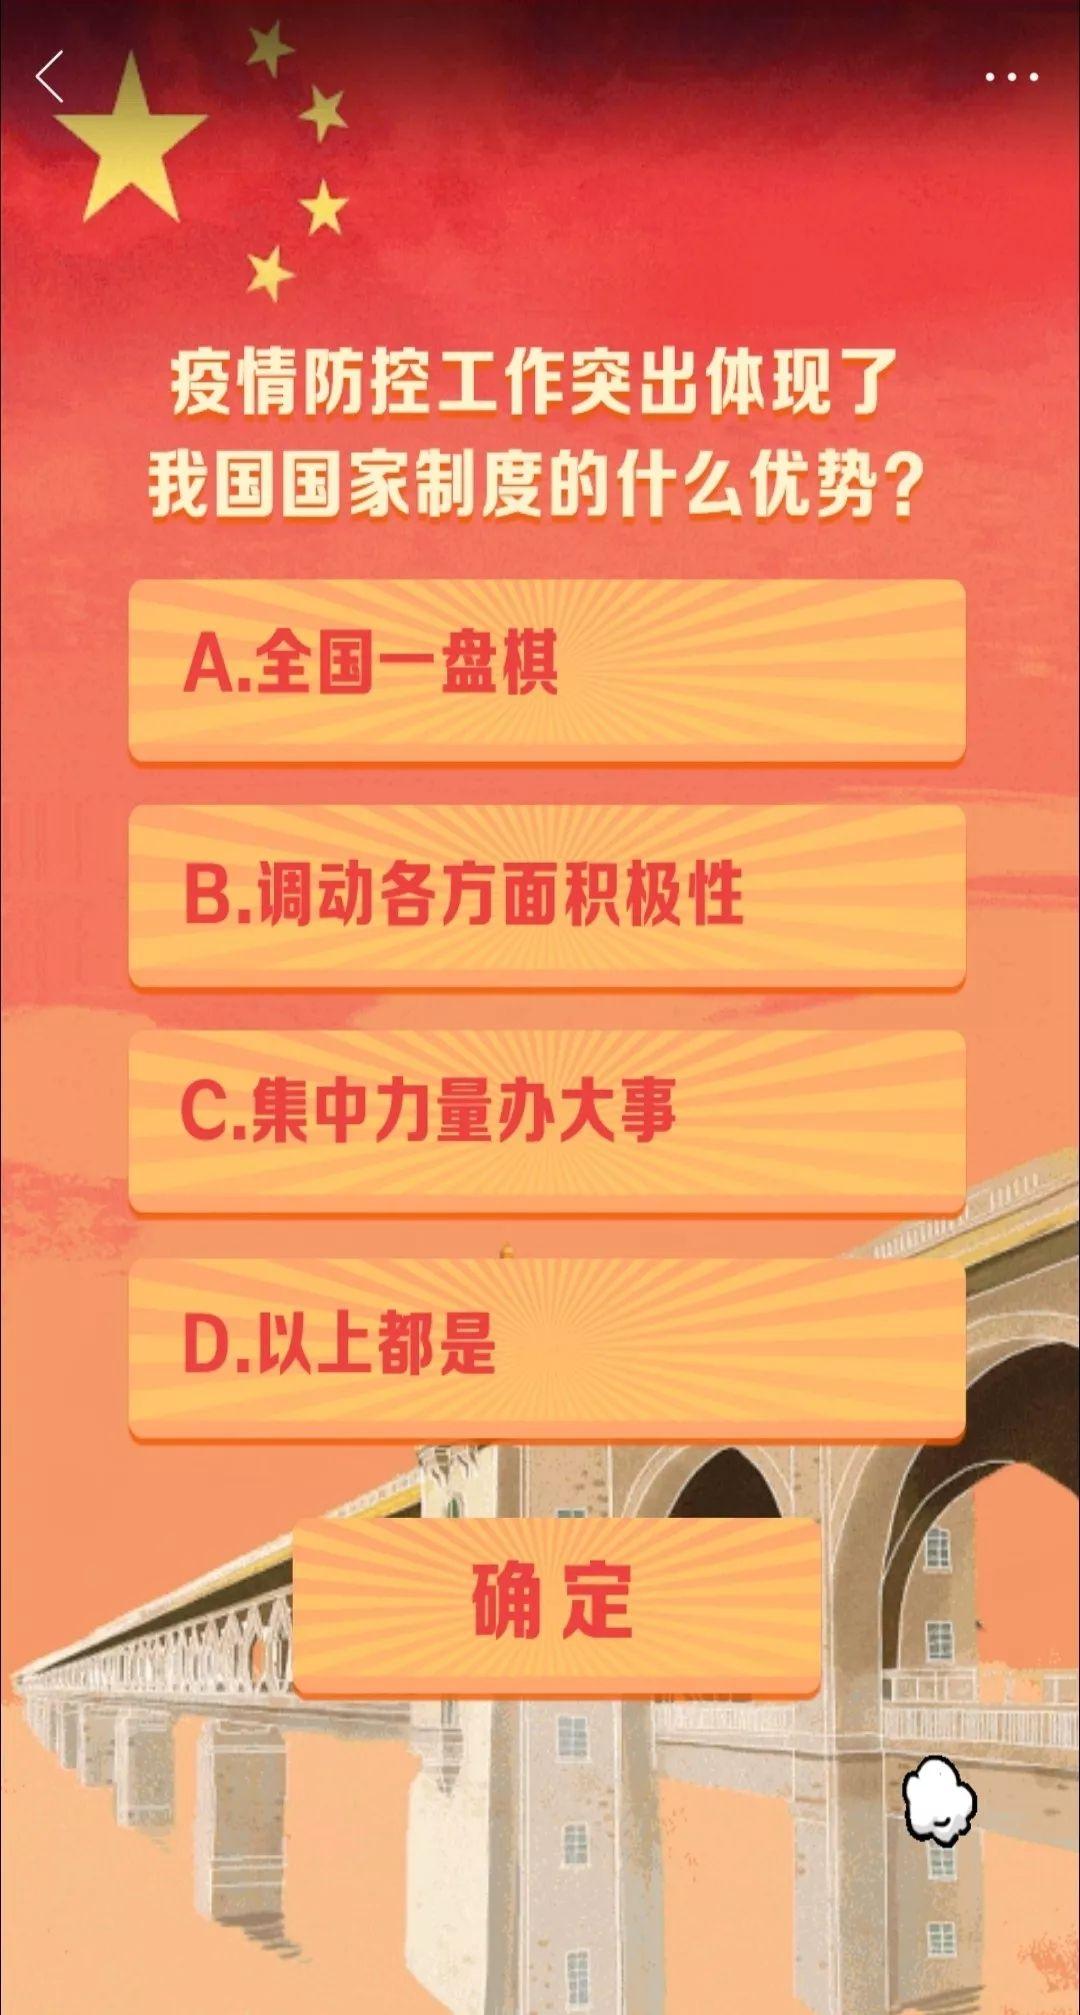 青年大學習第九季第一期答案大全 第九季第一期答案及登錄入口[多圖]